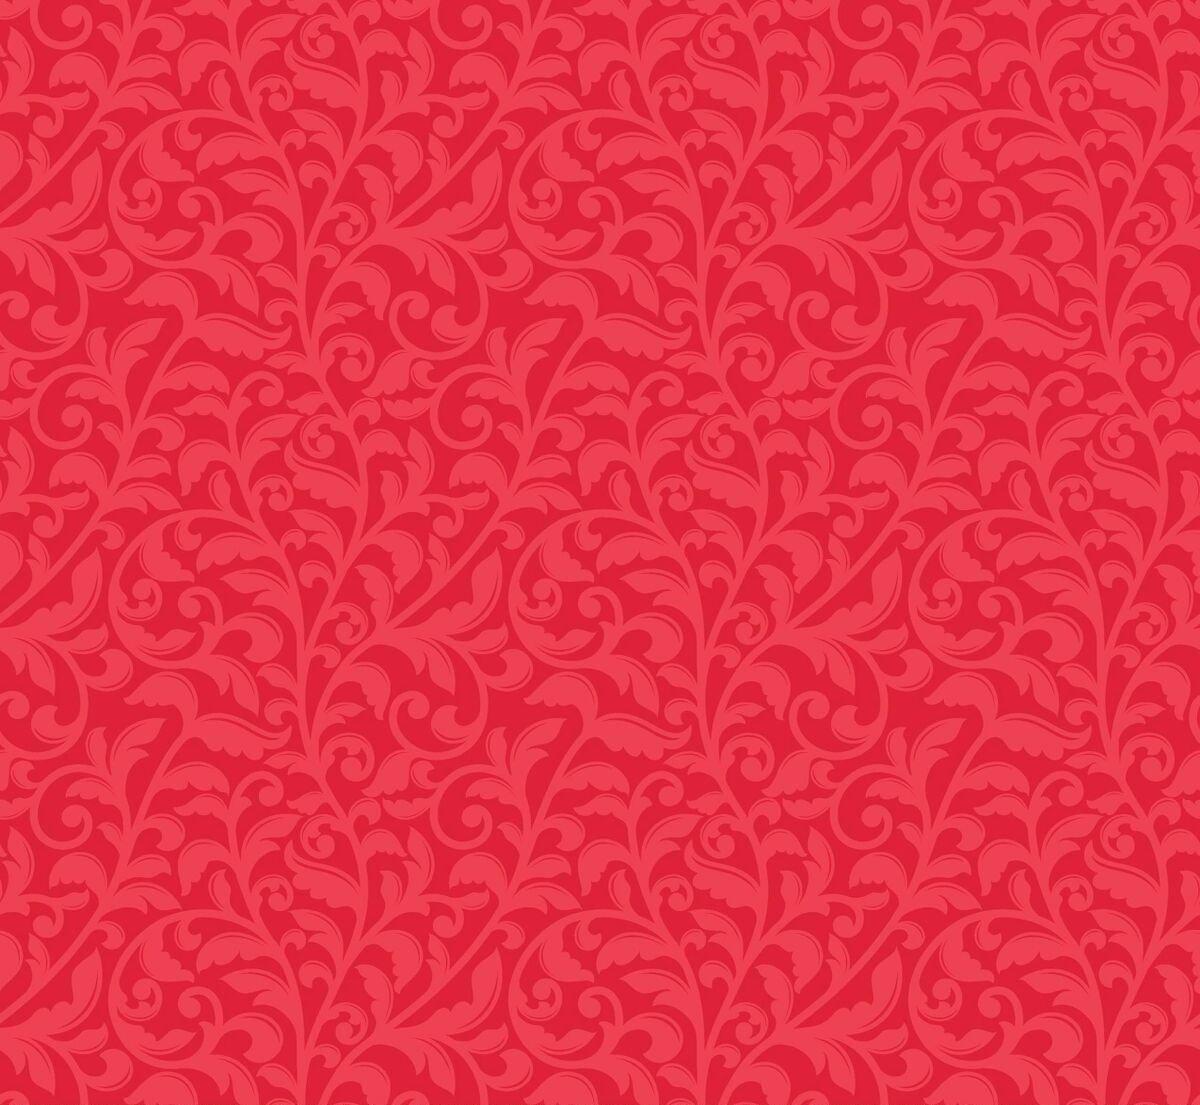 Patrick Lose -Anna's Garden 63795-F080715 Foliage Rose